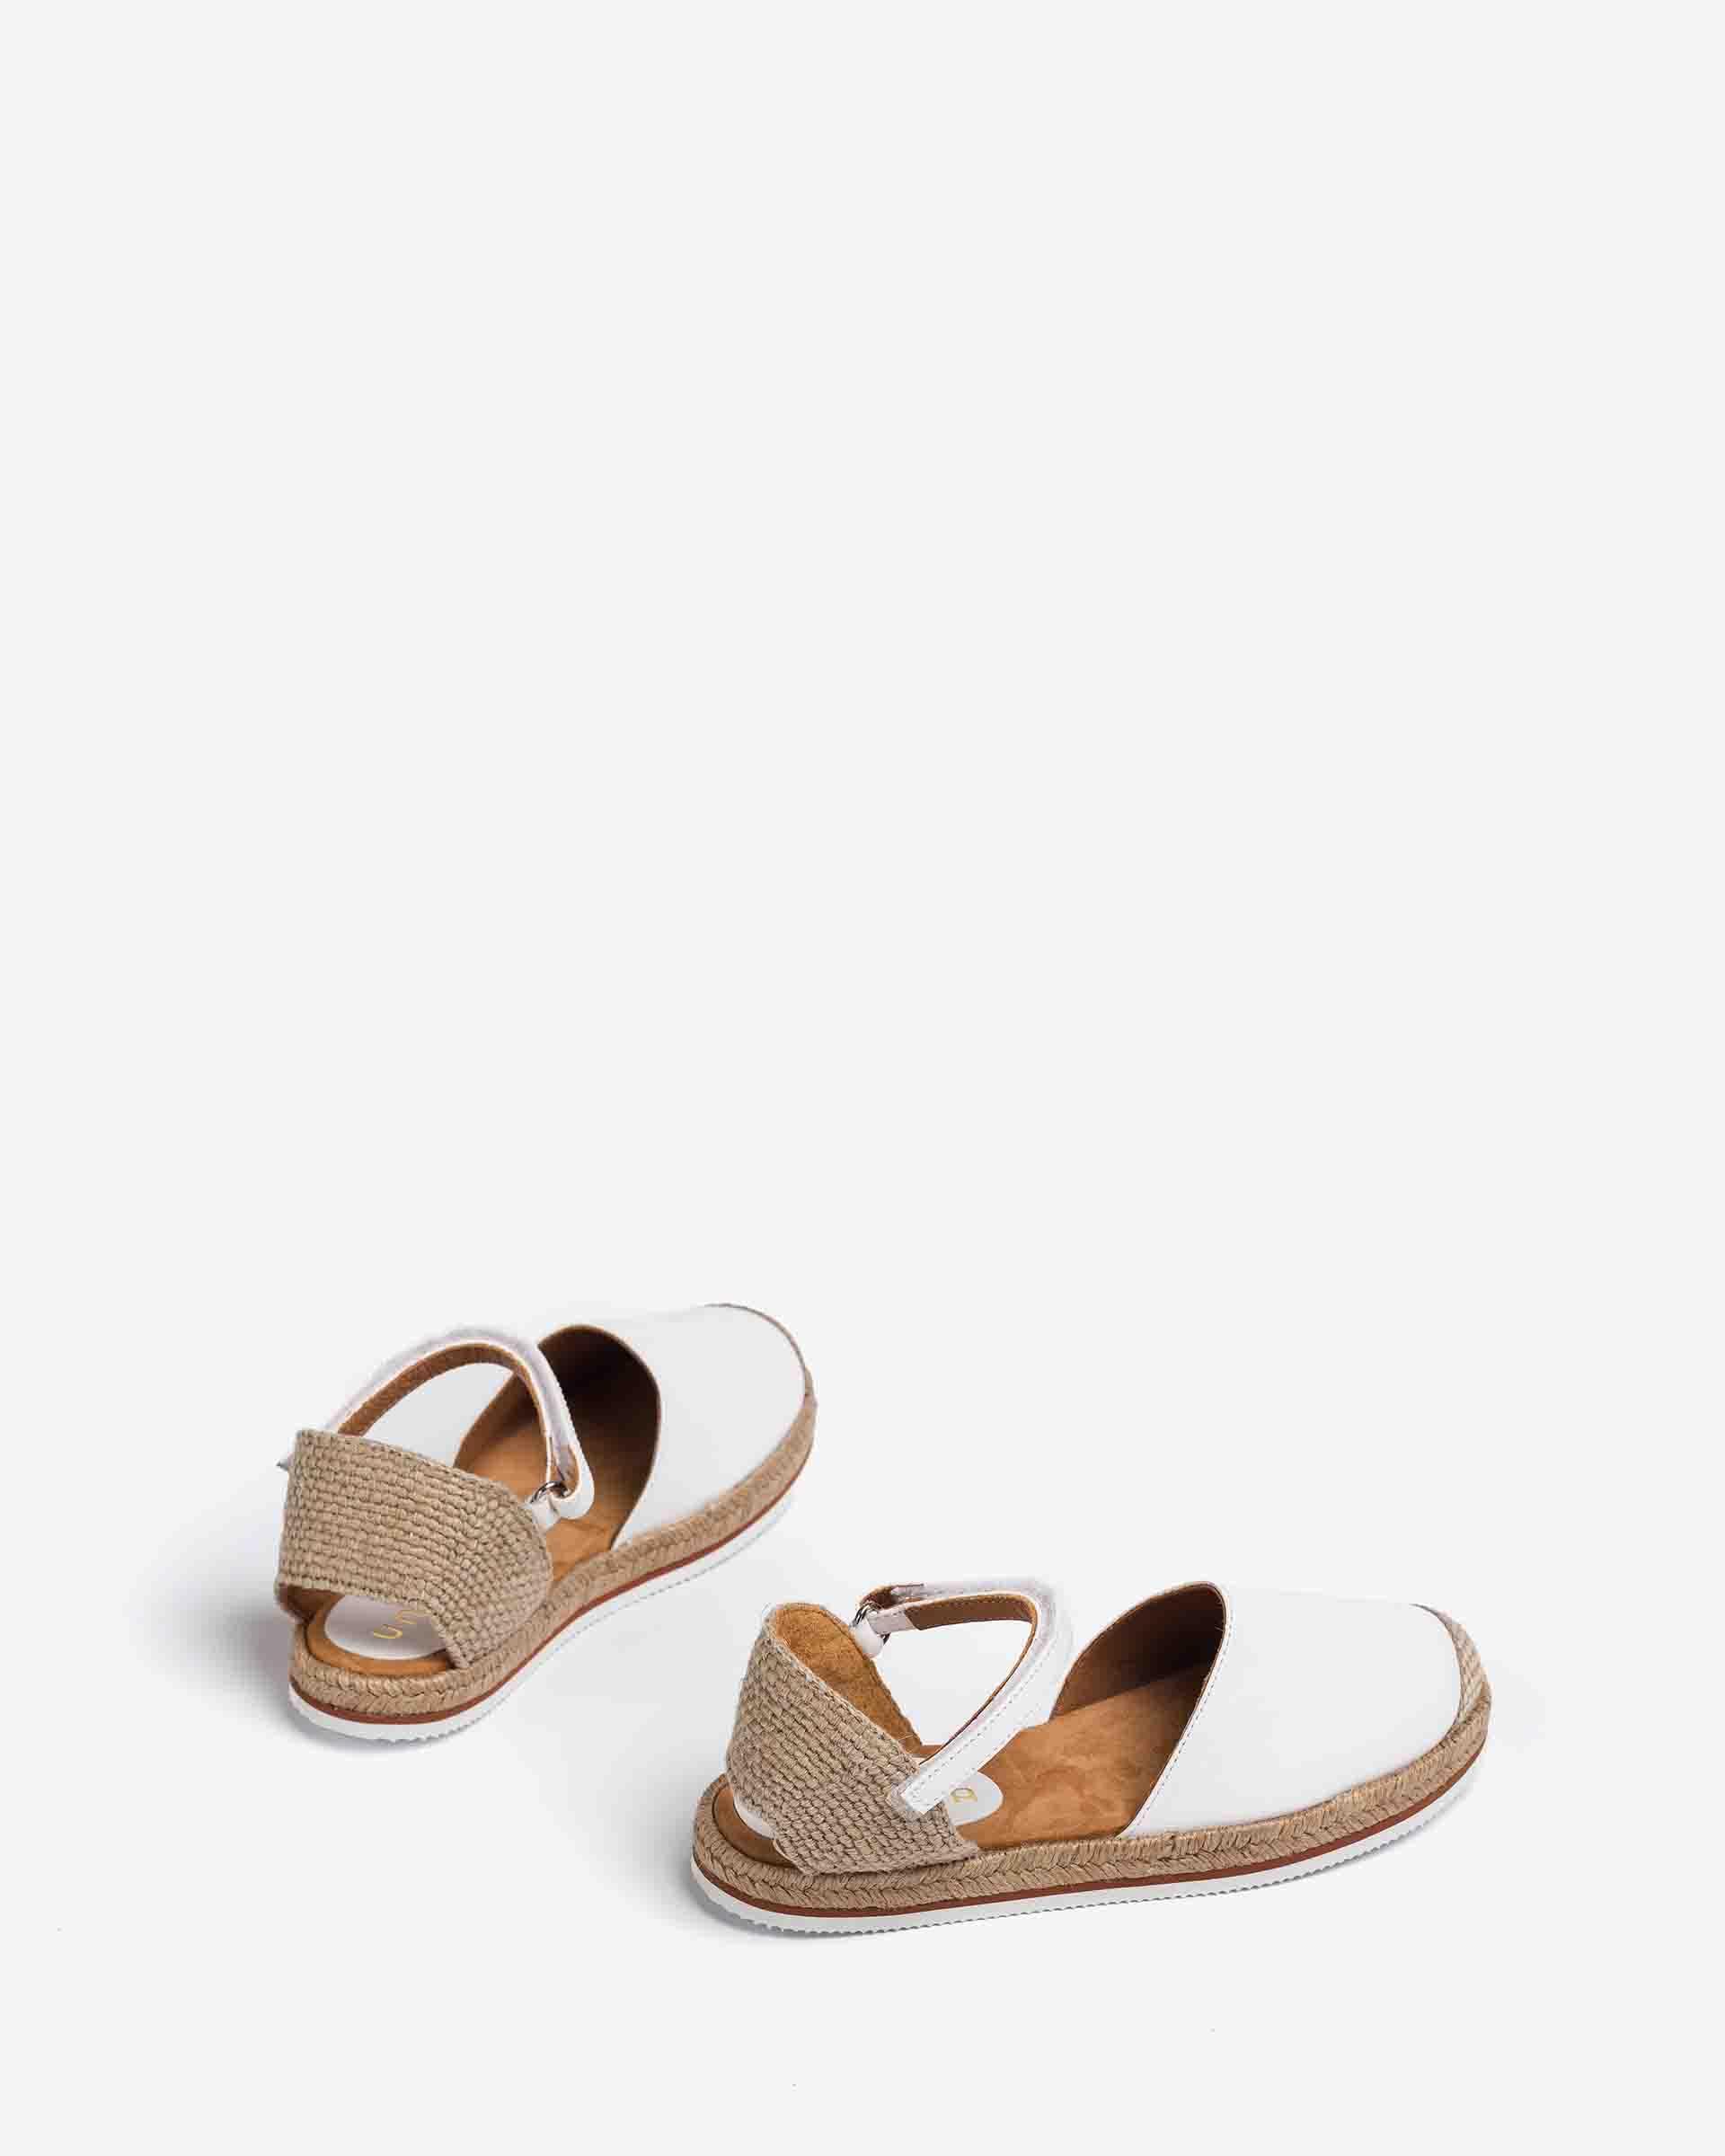 UNISA Leder-Espadrilles für Mädchen YADIRA_21_NT 5